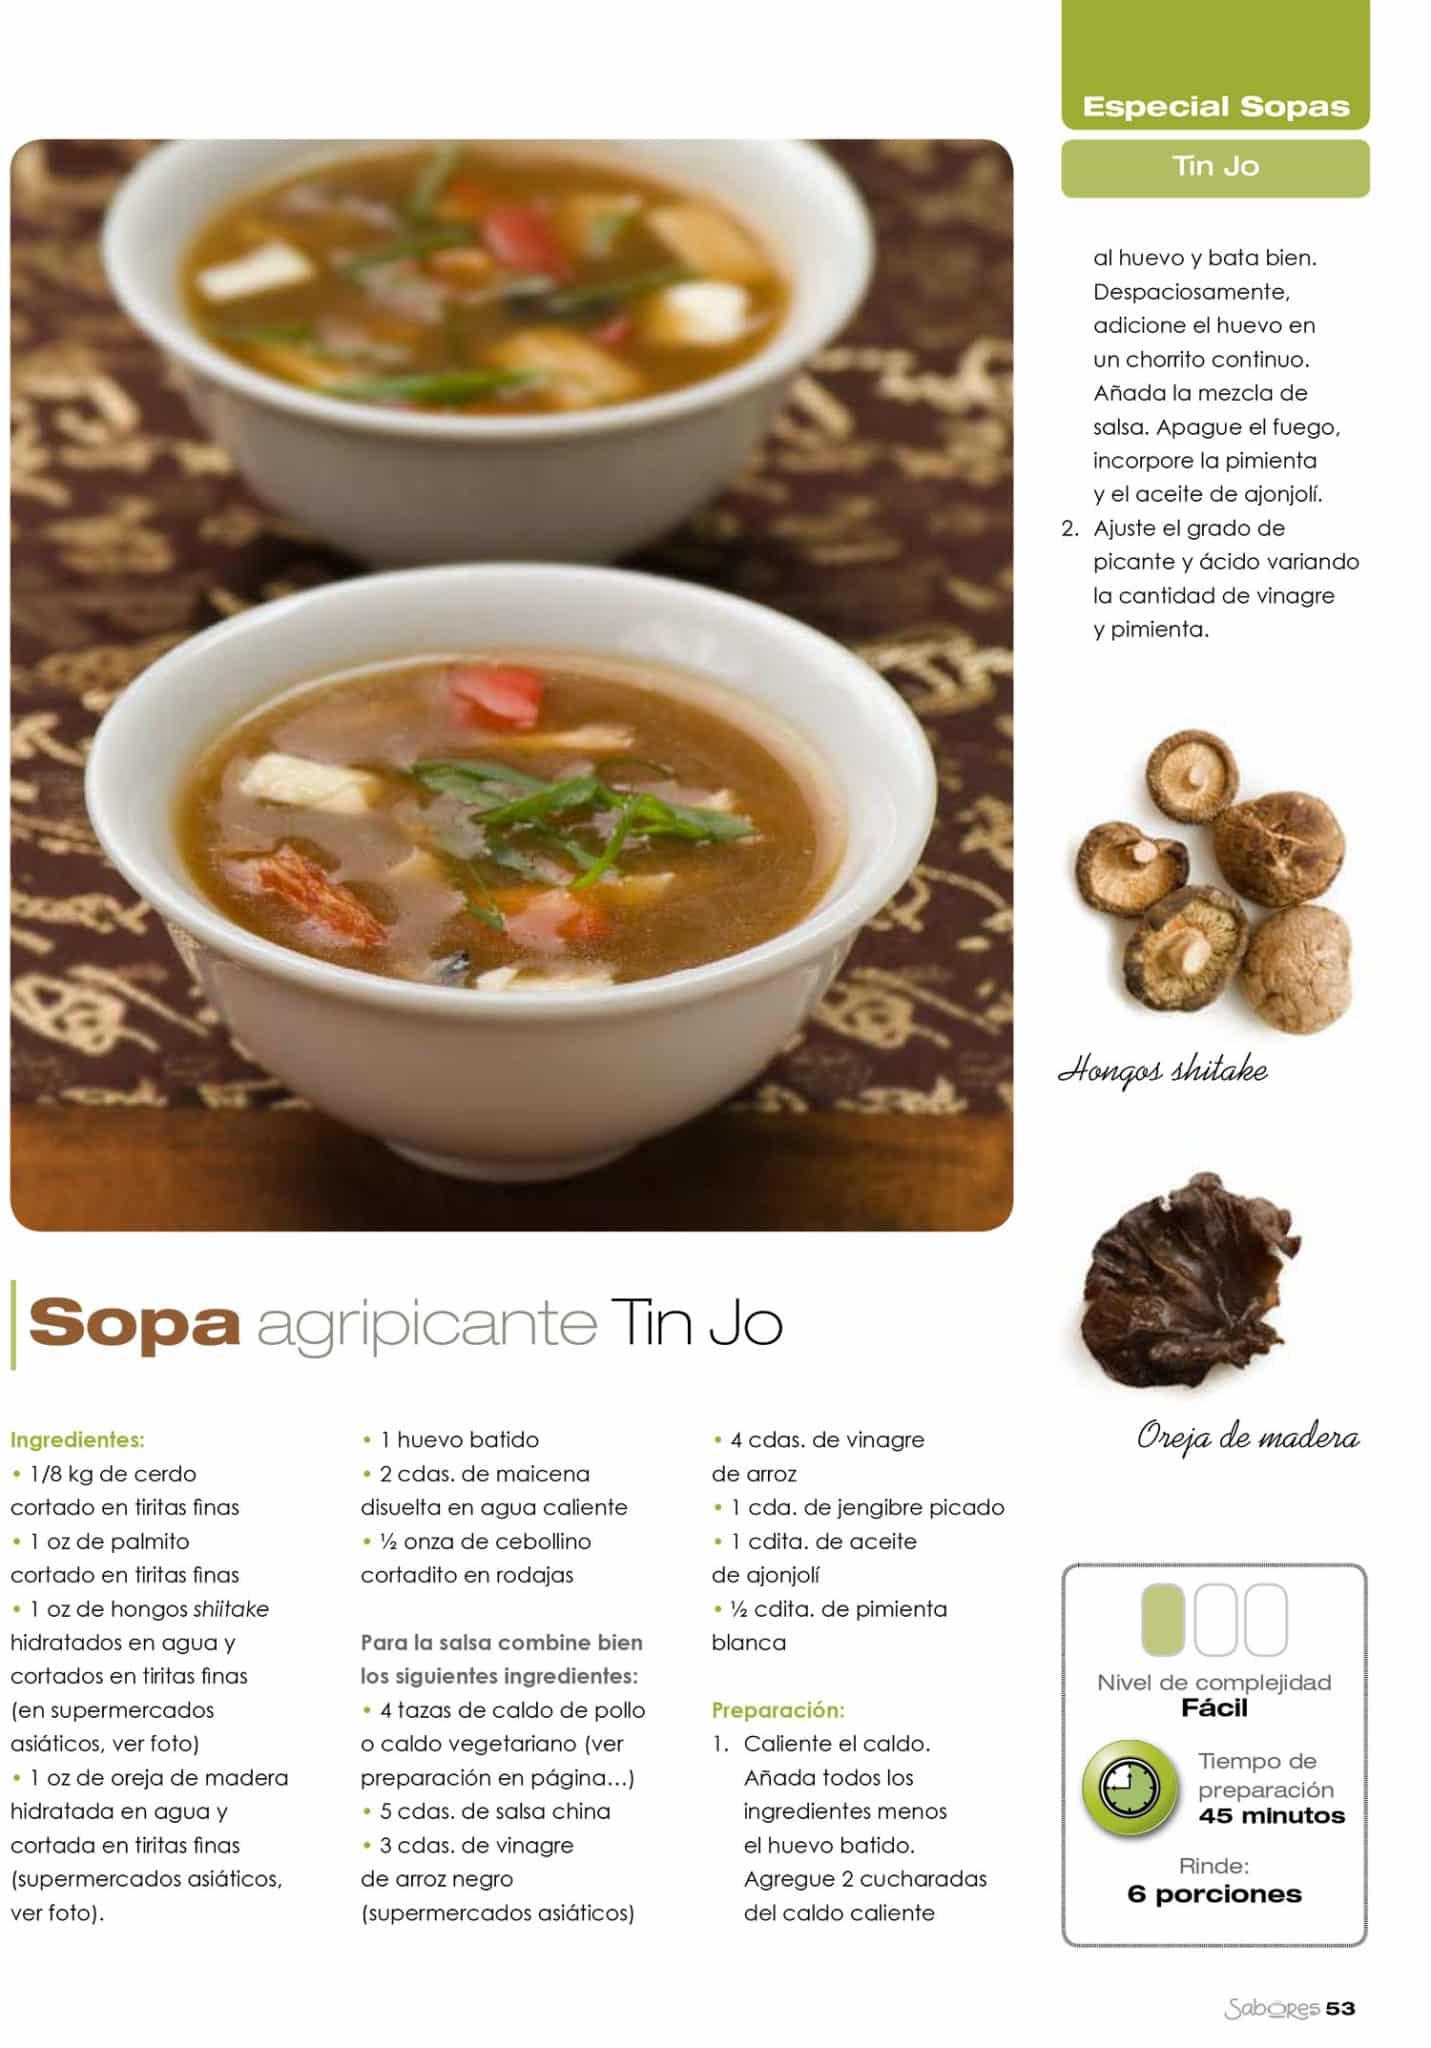 Thai Recipes From Sabores Magazine Spanish Tin Jo Restaurant # Muebles Urgelles